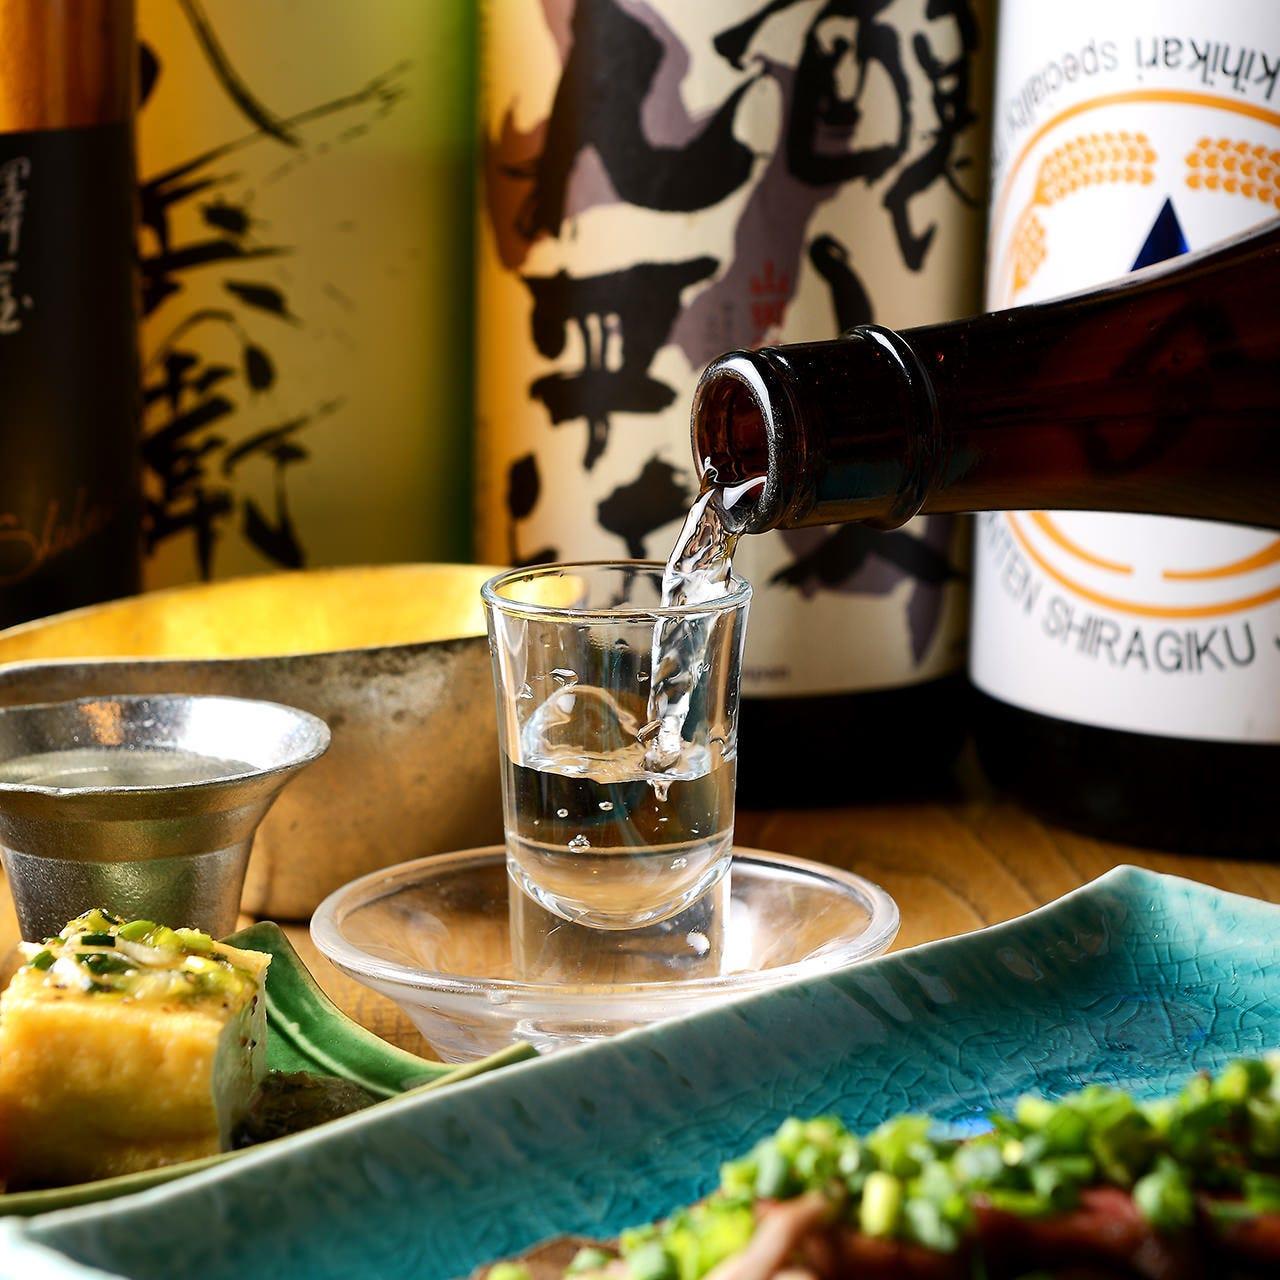 愛知の地酒やお酒に合う逸品が豊富